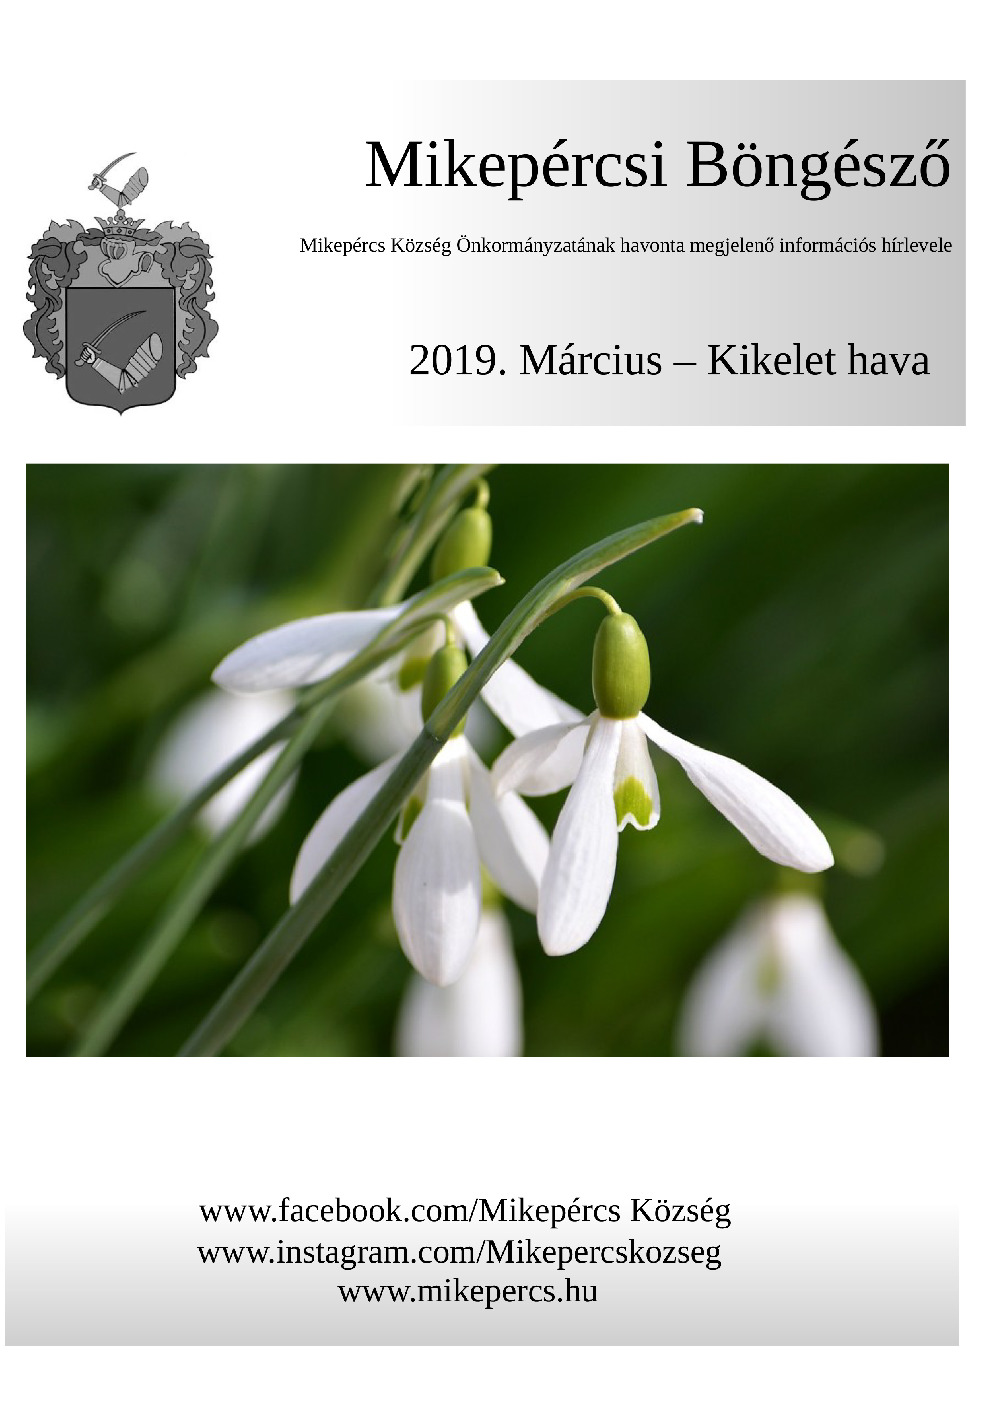 Mikepércsi Böngésző 2019. Március